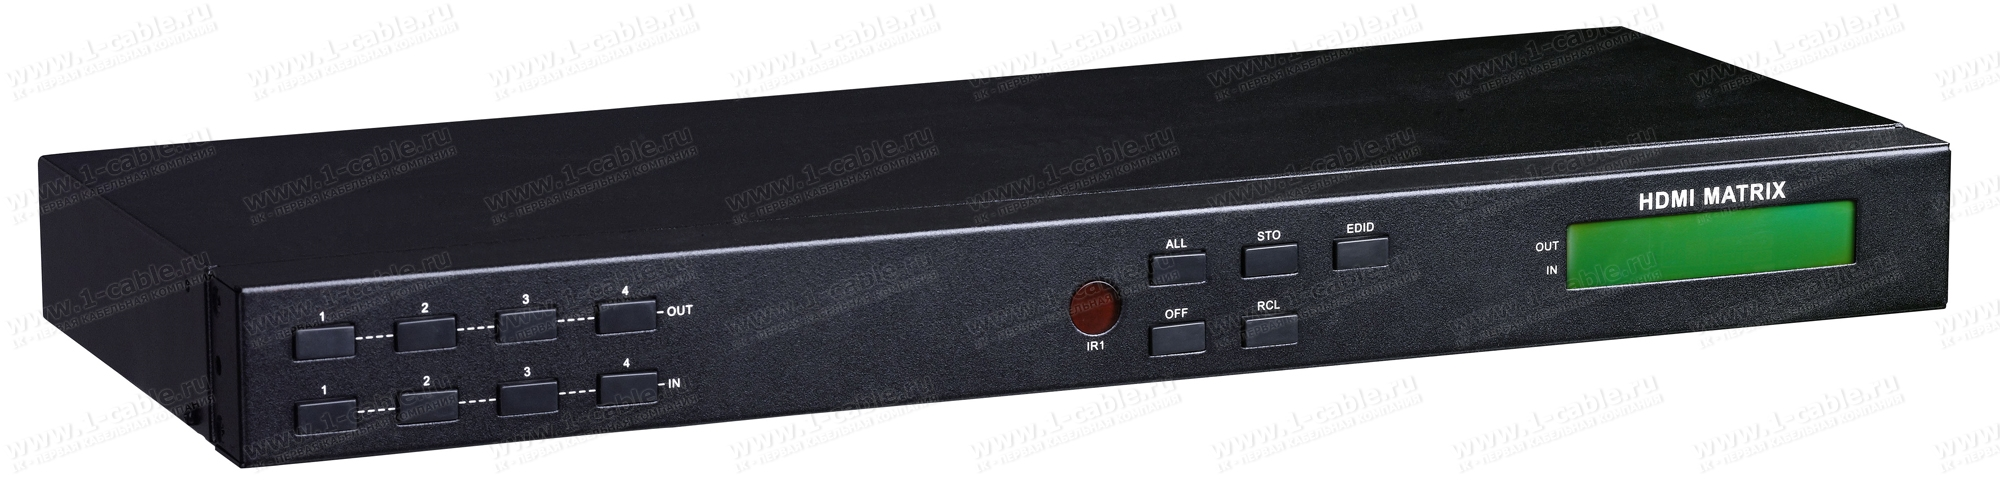 HIT-HDMI-X444PRO, Матричный видео коммутатор сигналов HDMI 4х4, серия RACK с управления ИК и RS232